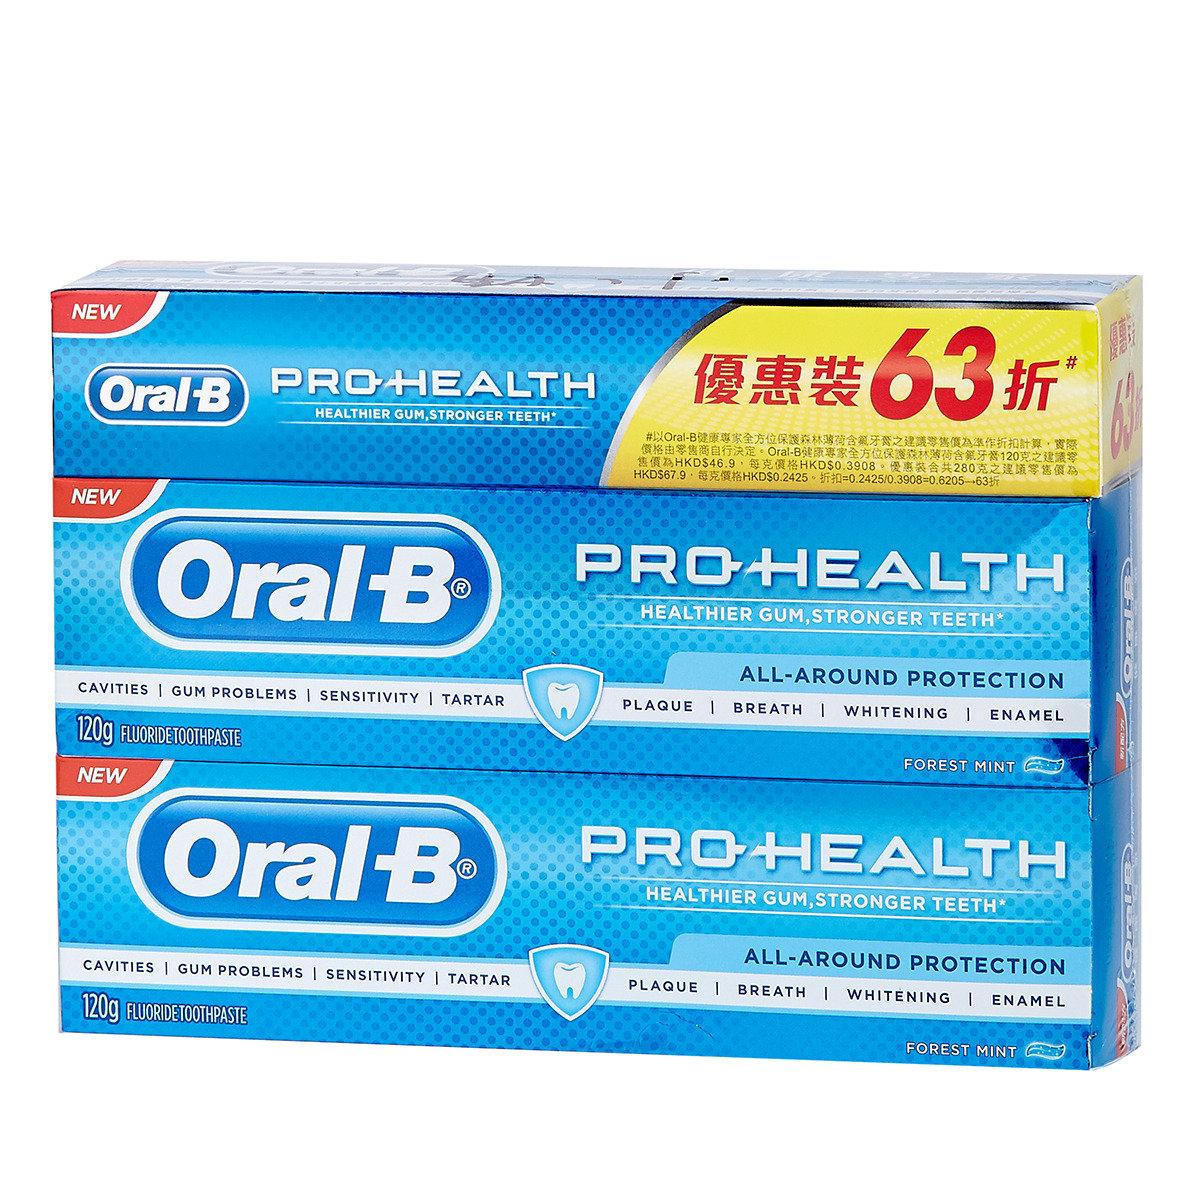 健康專家森林薄荷含氟牙膏 (孖裝) 加送牙膏20克兩支